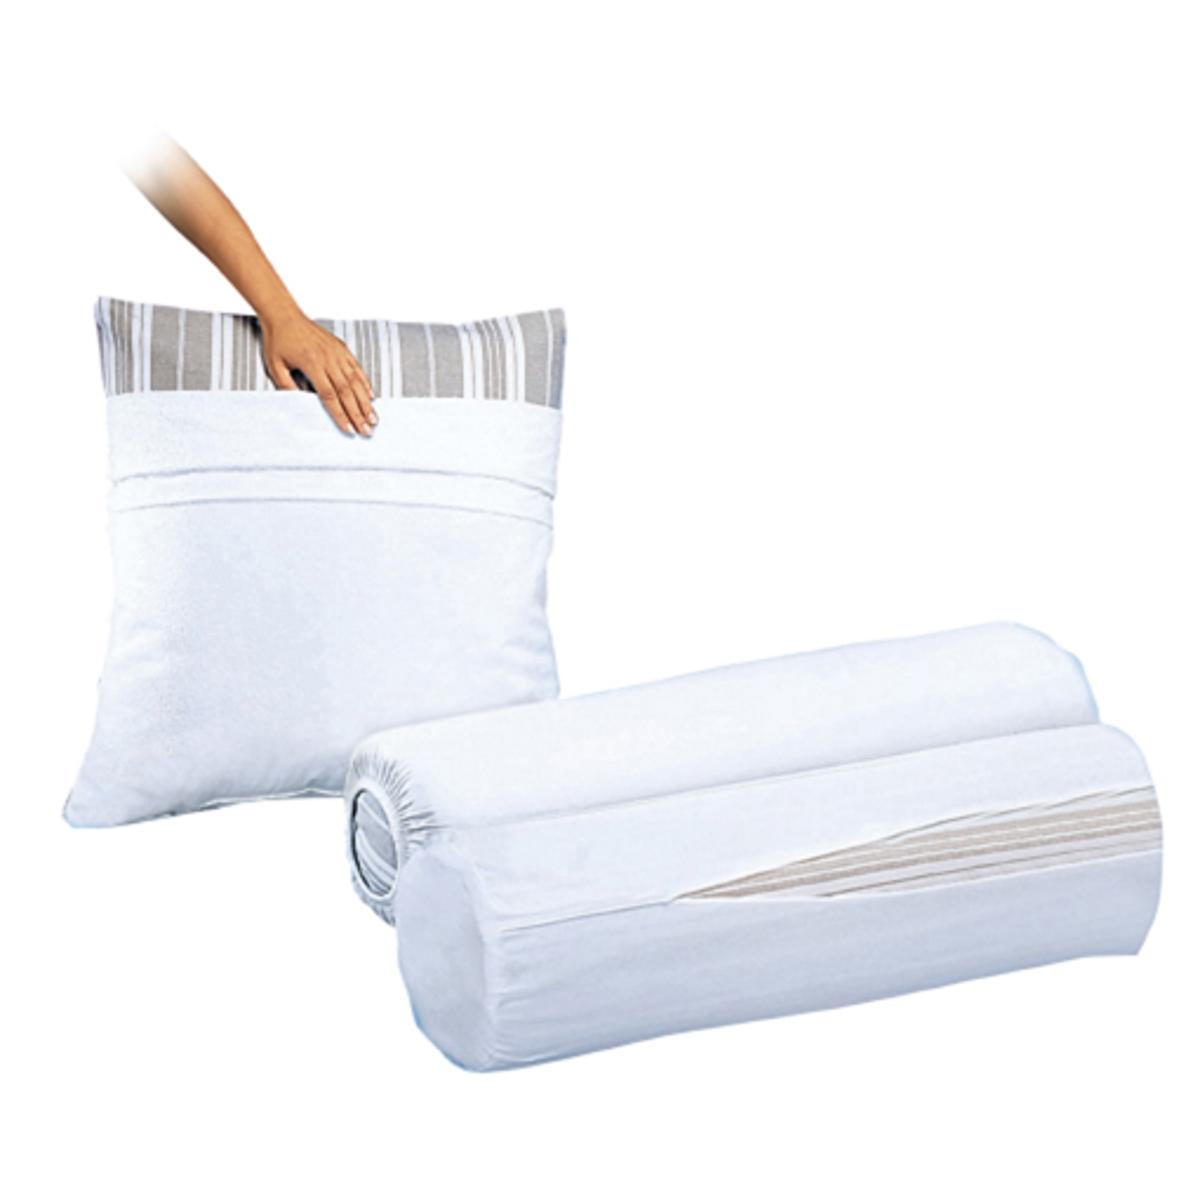 Комплект из 2 защитных чехлов на подушку-валик из джерси, 100% хлопок<br><br>Цвет: белый<br>Размер: длина: 90 см